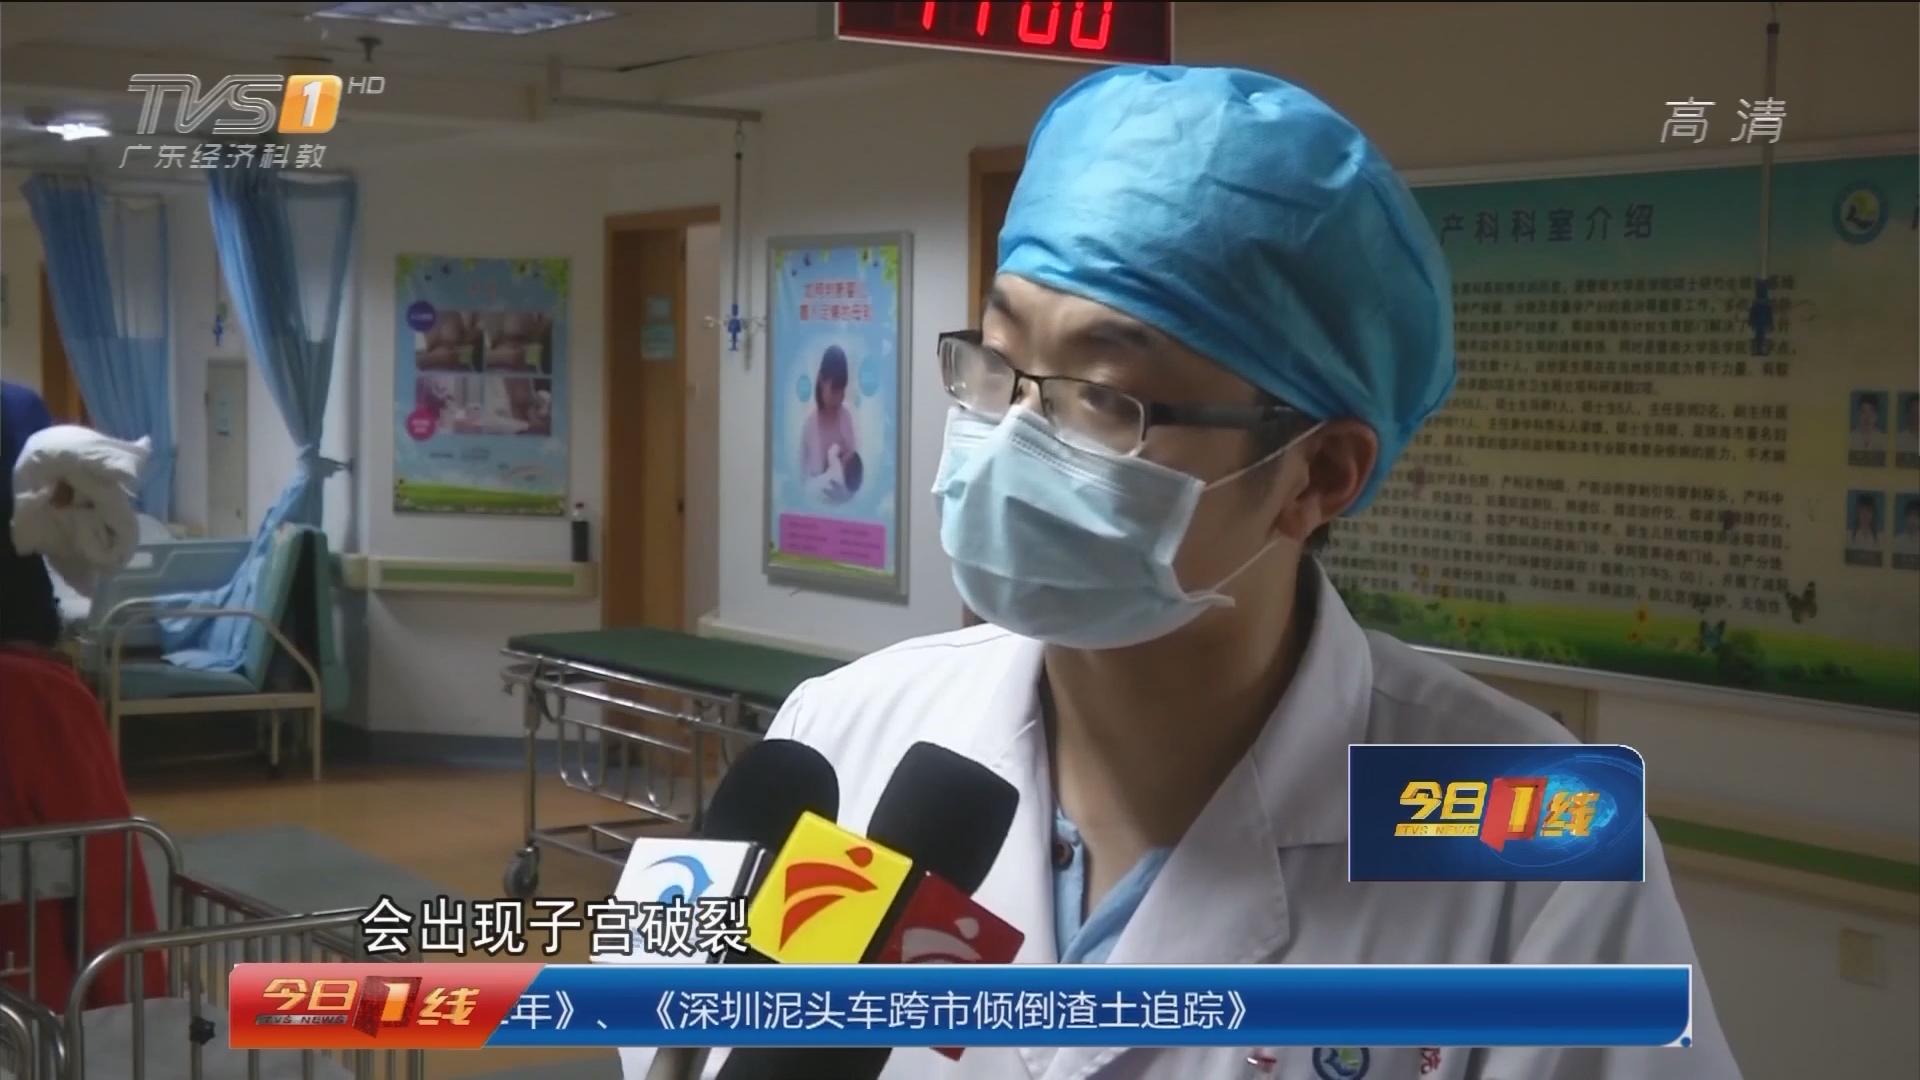 """系列专栏""""温度"""":珠海 男医生木柜上打盹 走红网络"""